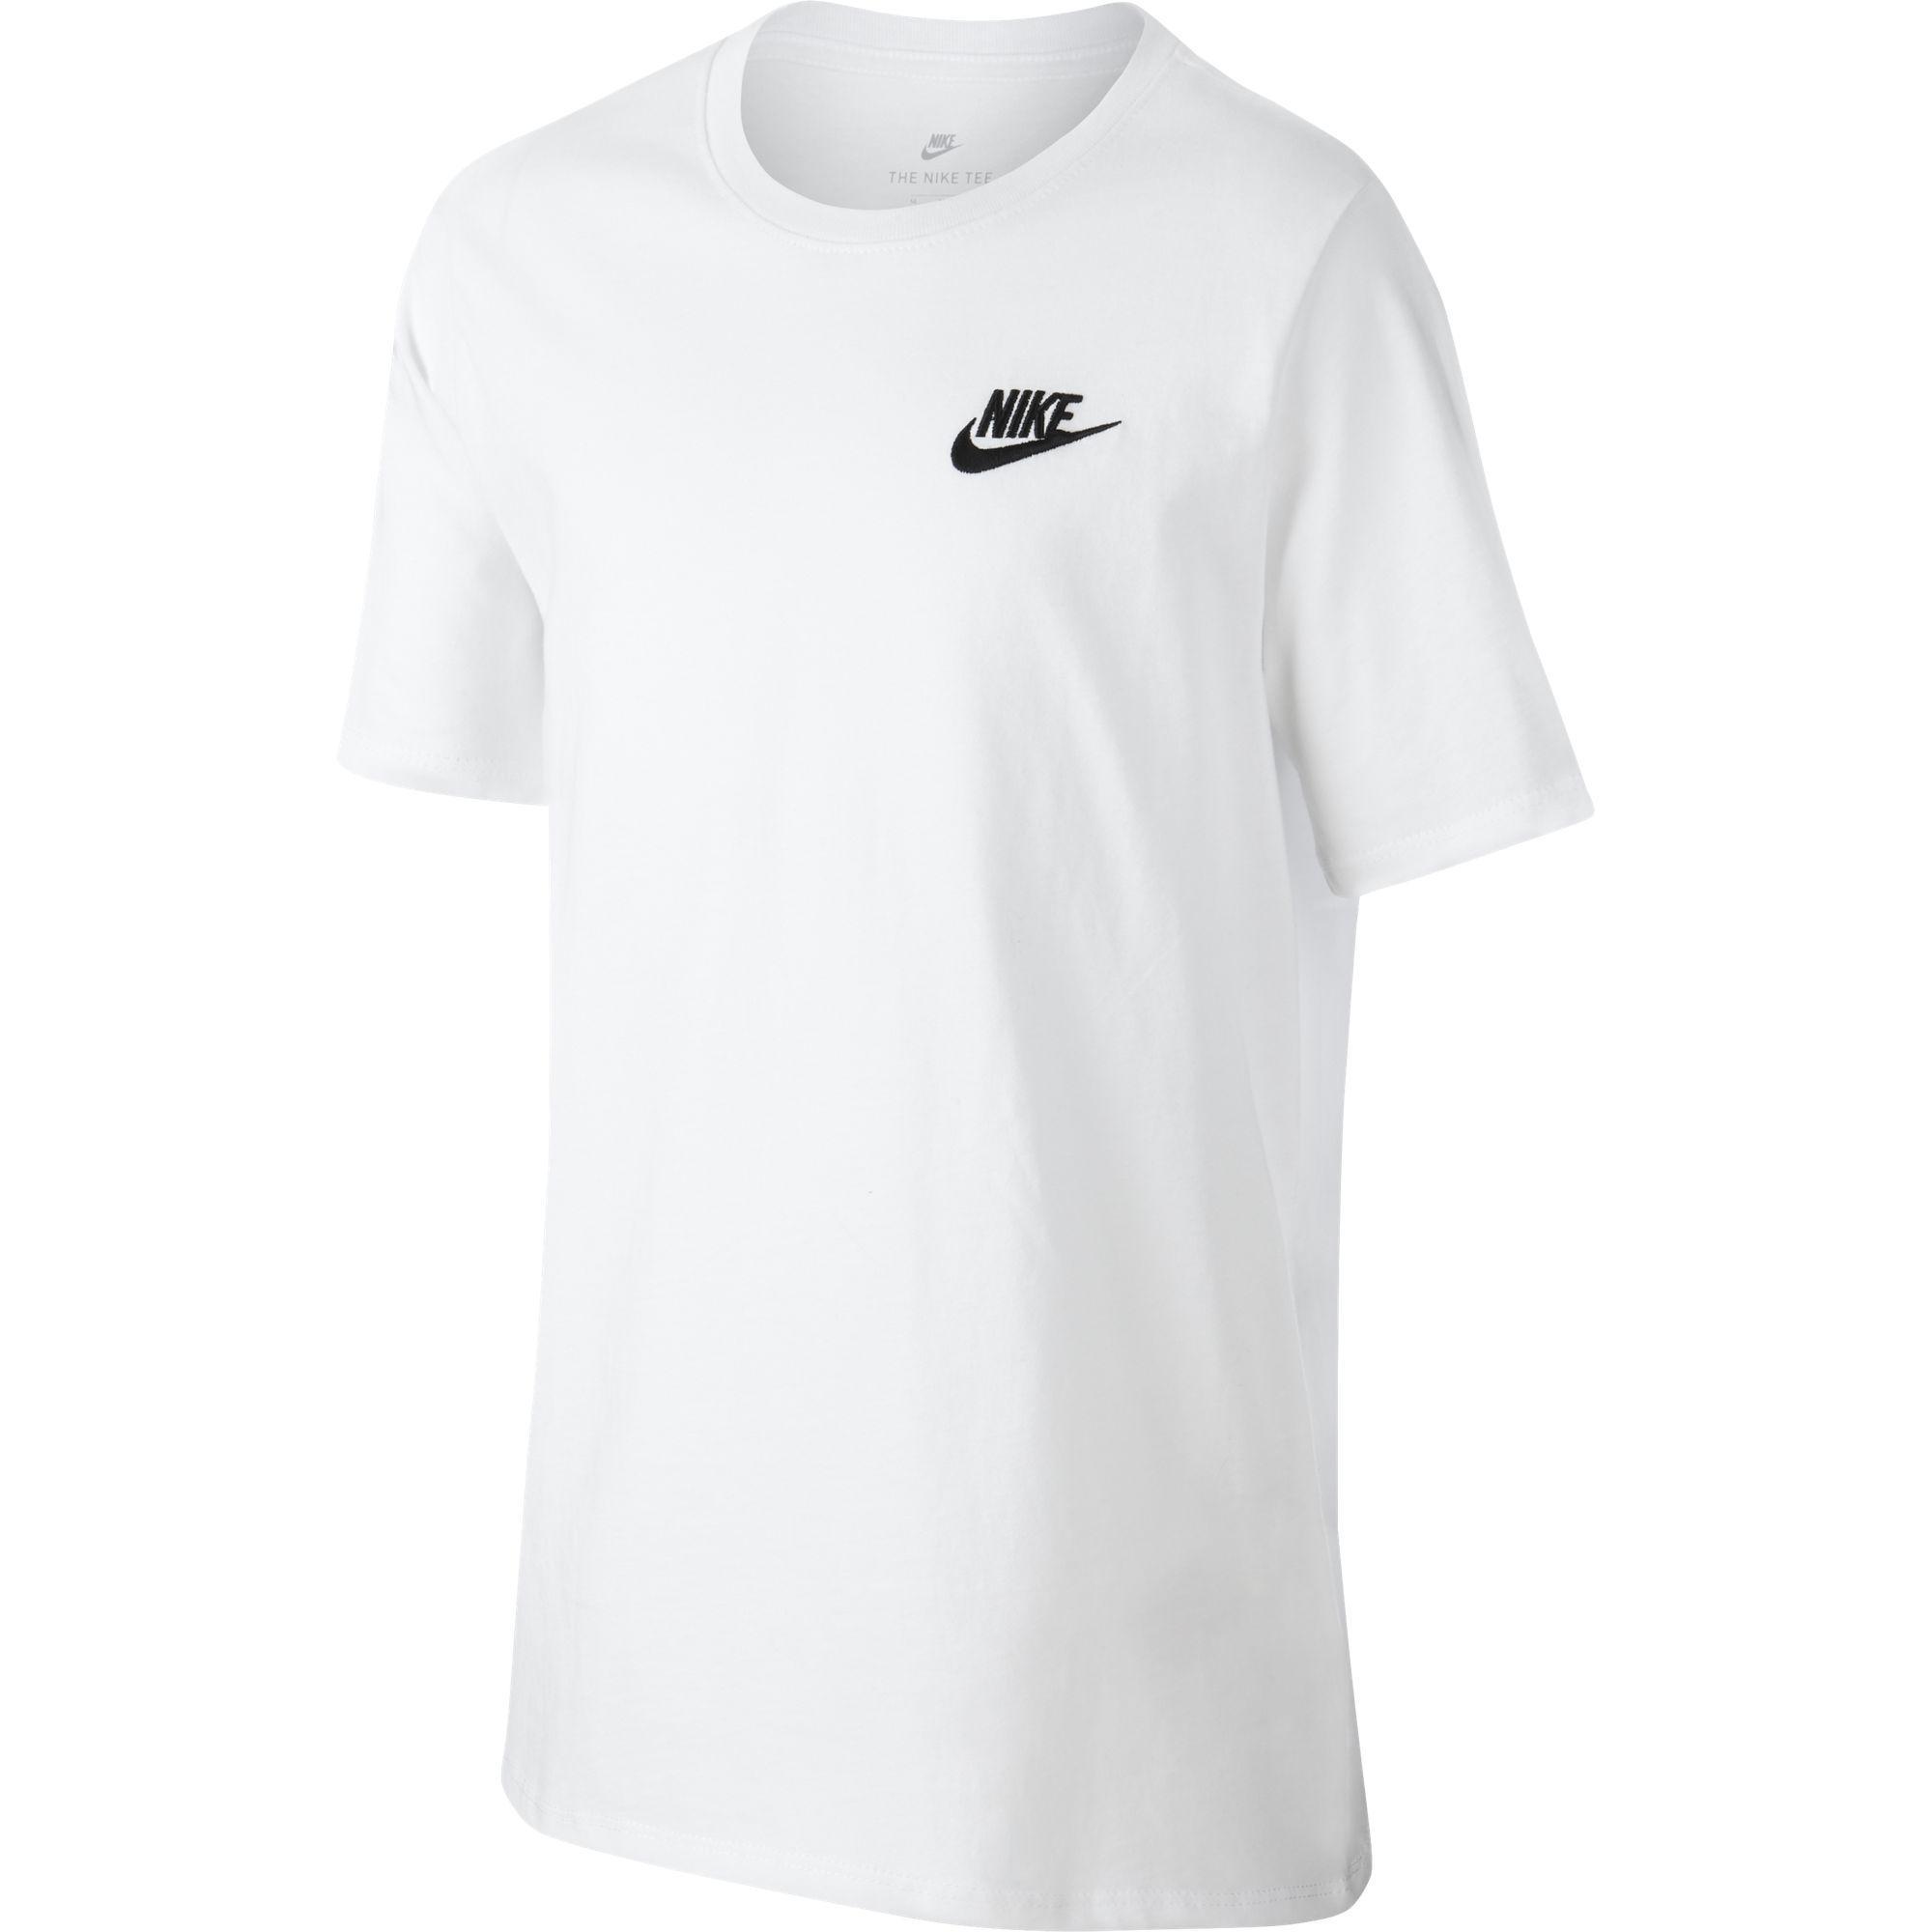 0a6e8211b508 Nike Boys Training T-Shirt - White - Tennisnuts.com